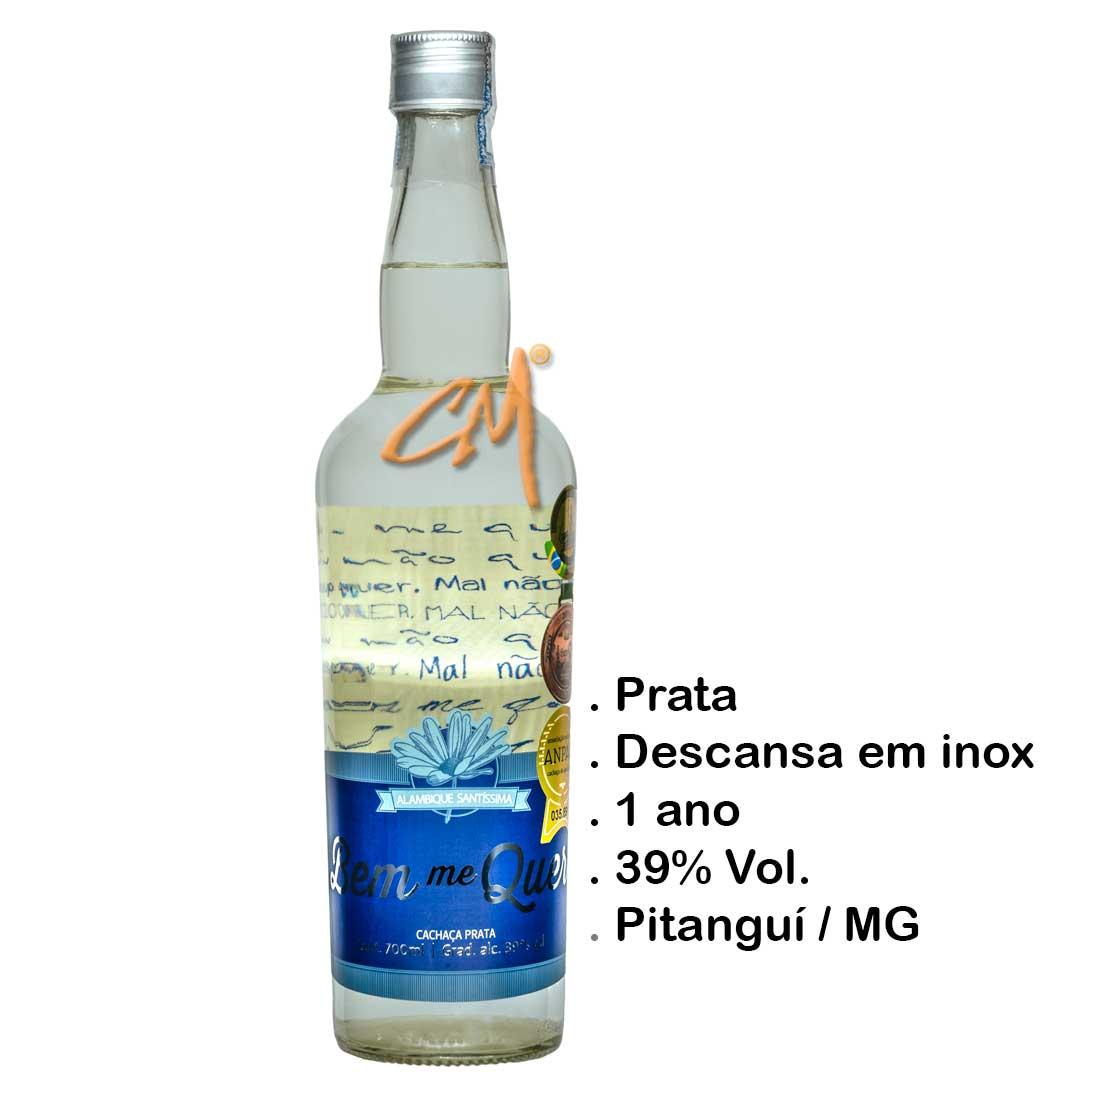 Cachaça Bem Me Quer Prata 700 ml (Pitanguí - MG)